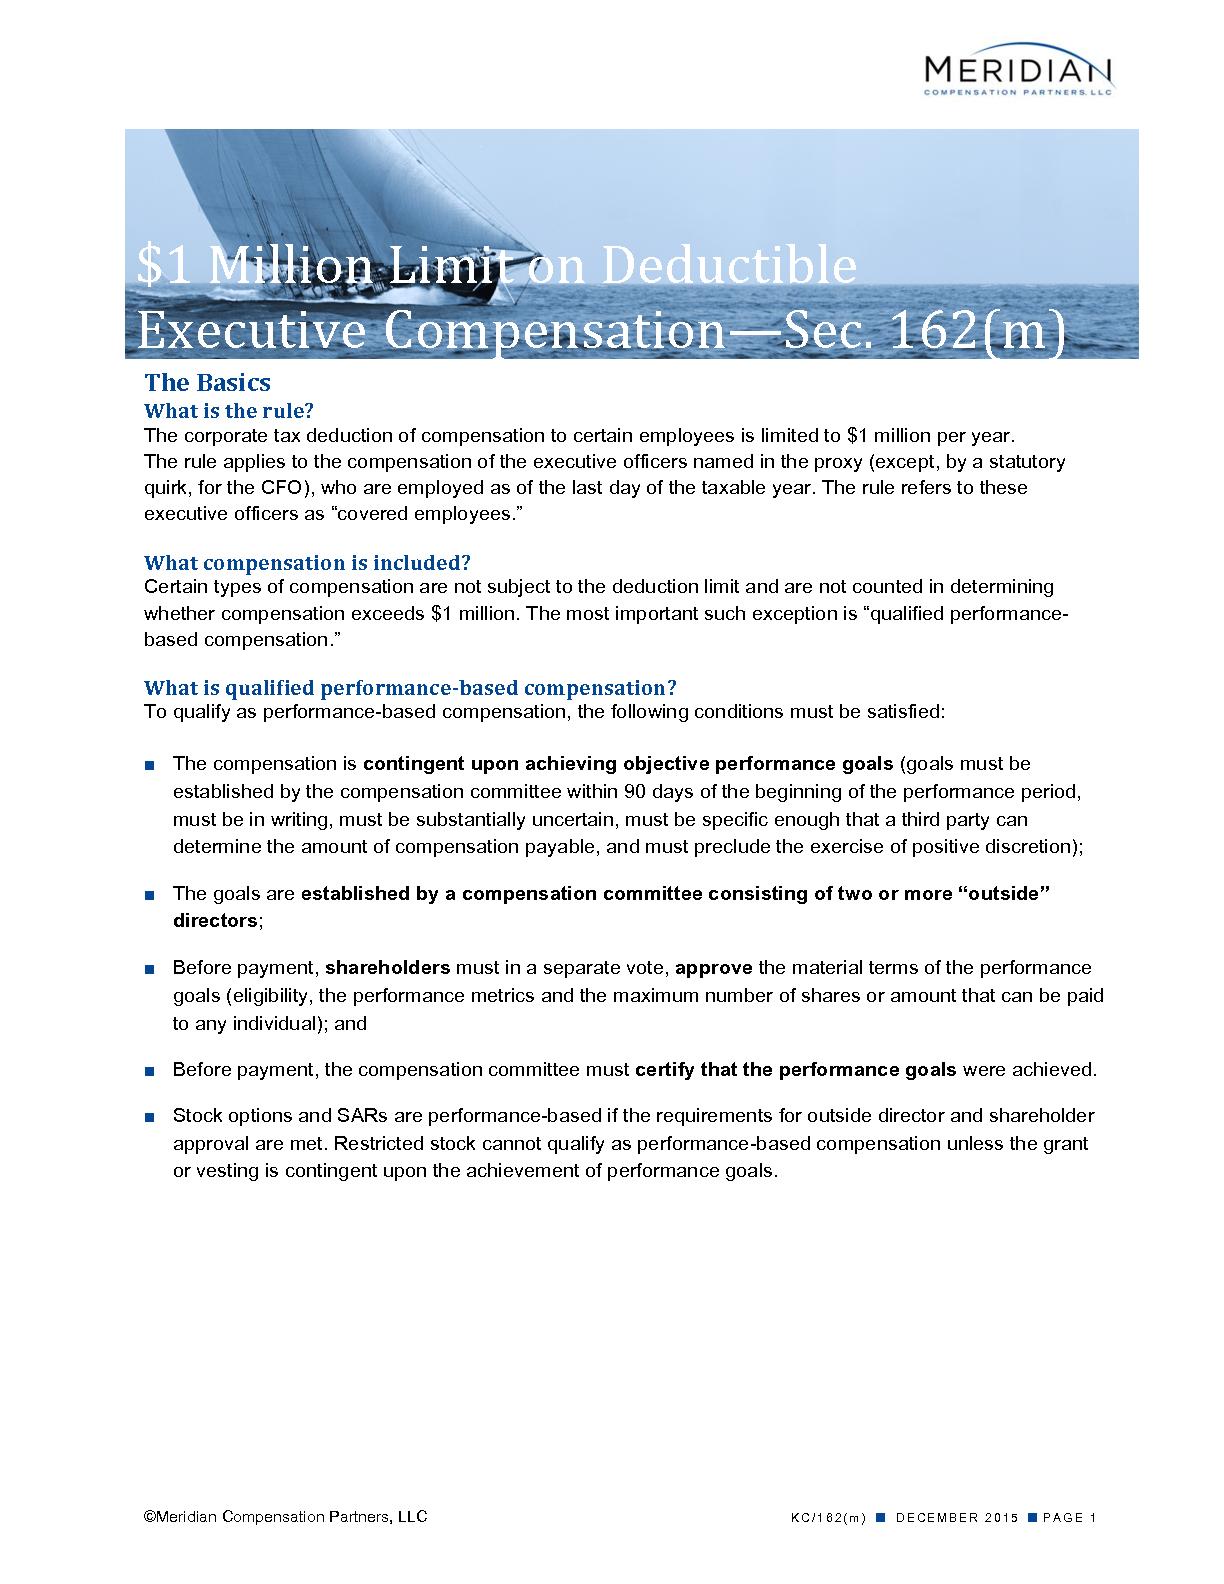 $1 Million Limit on Deductible  Executive Compensation—Sec. 162(m) (PDF)